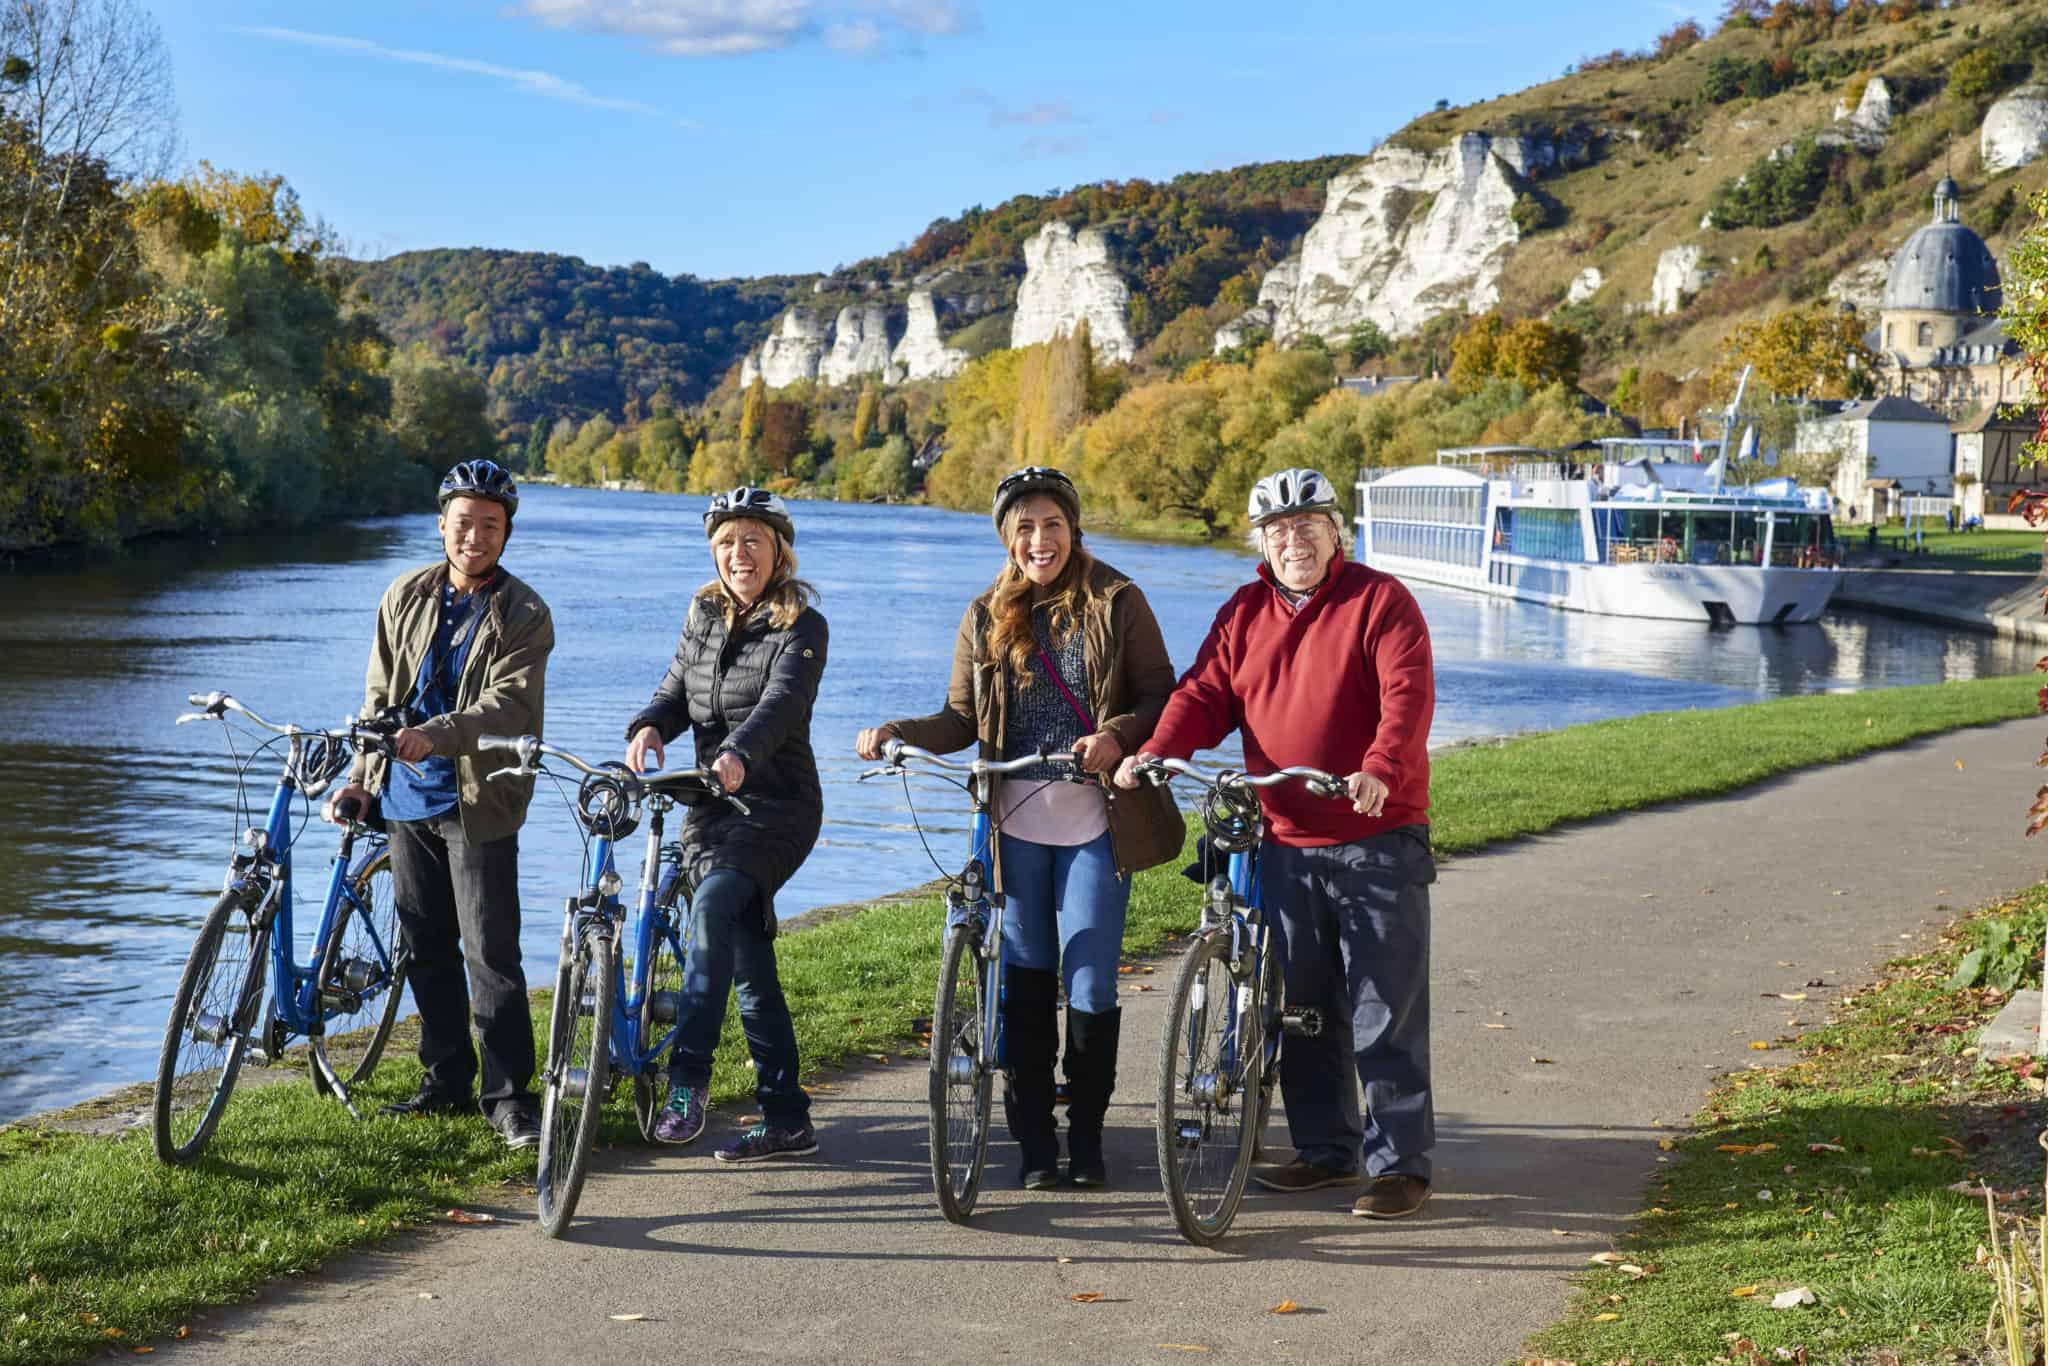 bike tour the Seine AmaWaterways